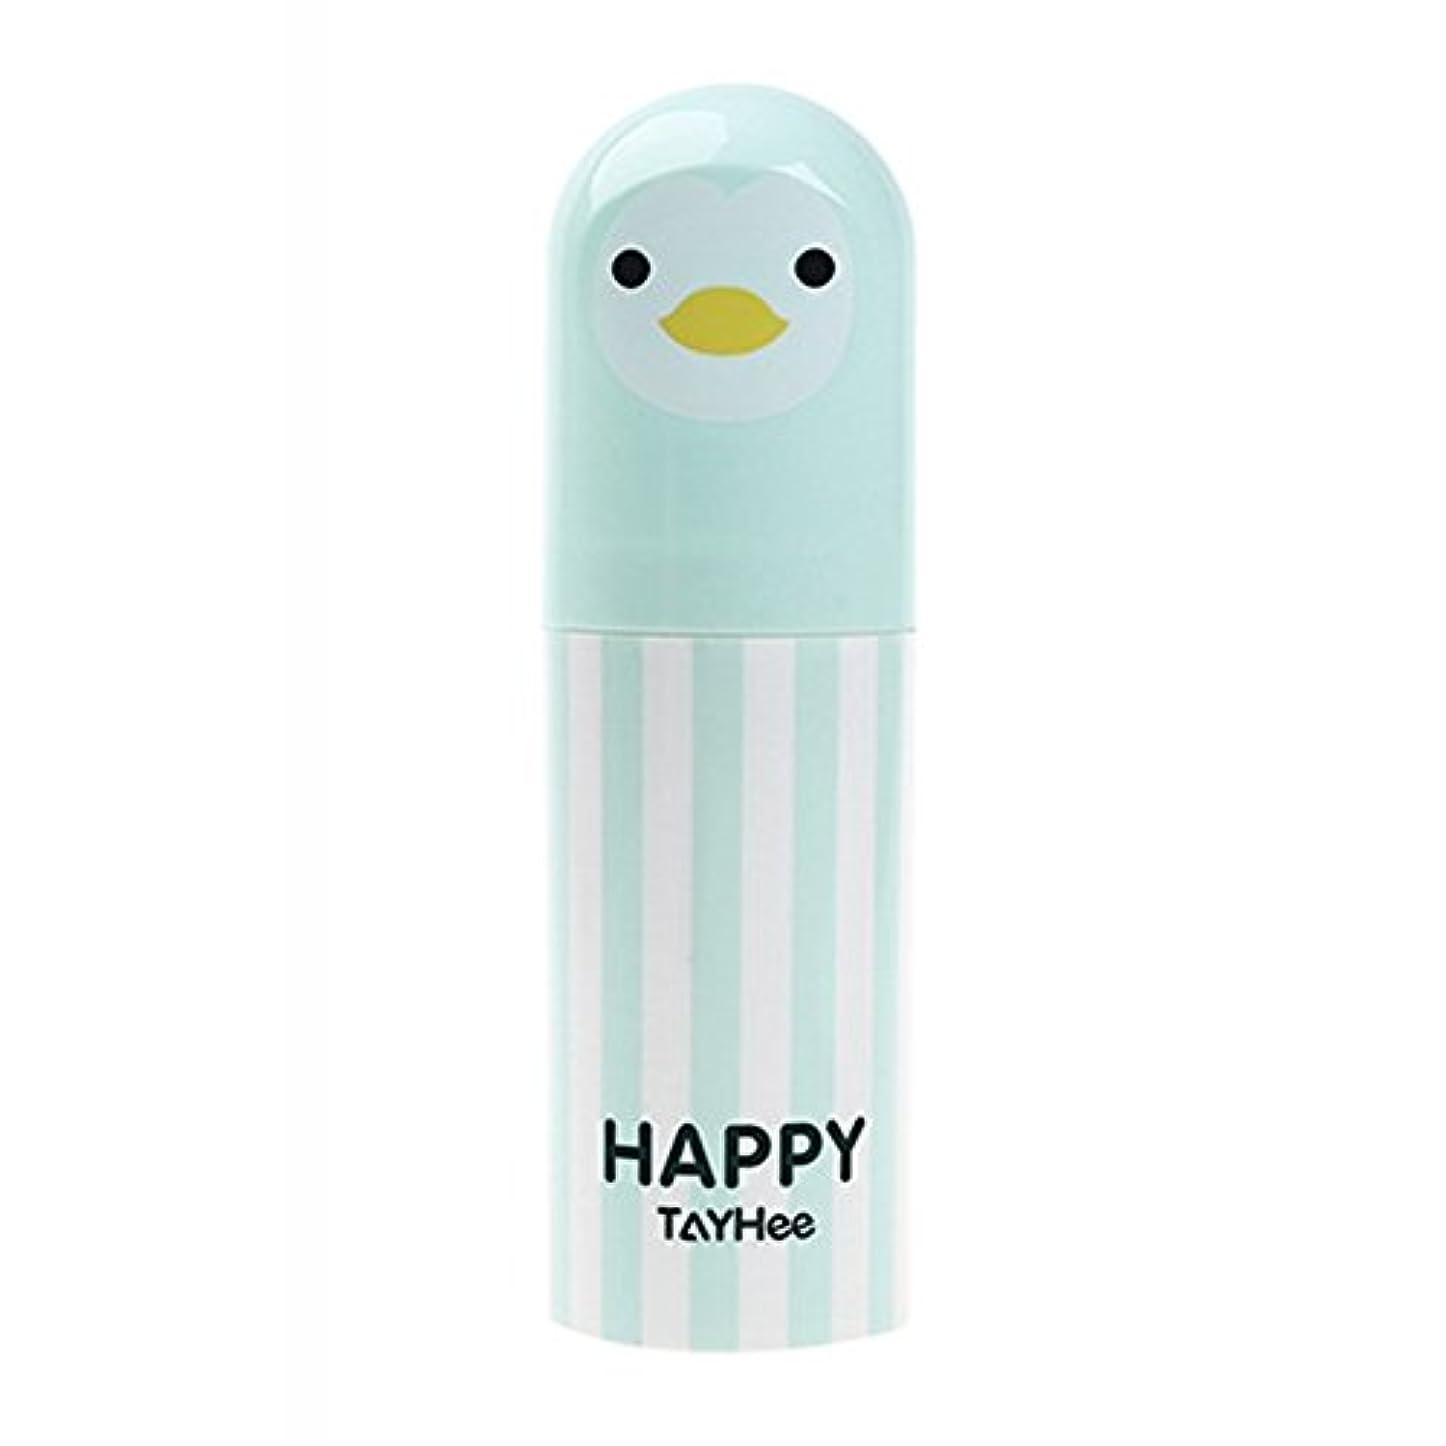 絶望ご注意南potato001ポータブル可愛い漫画ペンギン歯ブラシ歯磨き粉ホルダー旅行ストレージケース one size グリーン N4RJ952917WK10WPO5Z